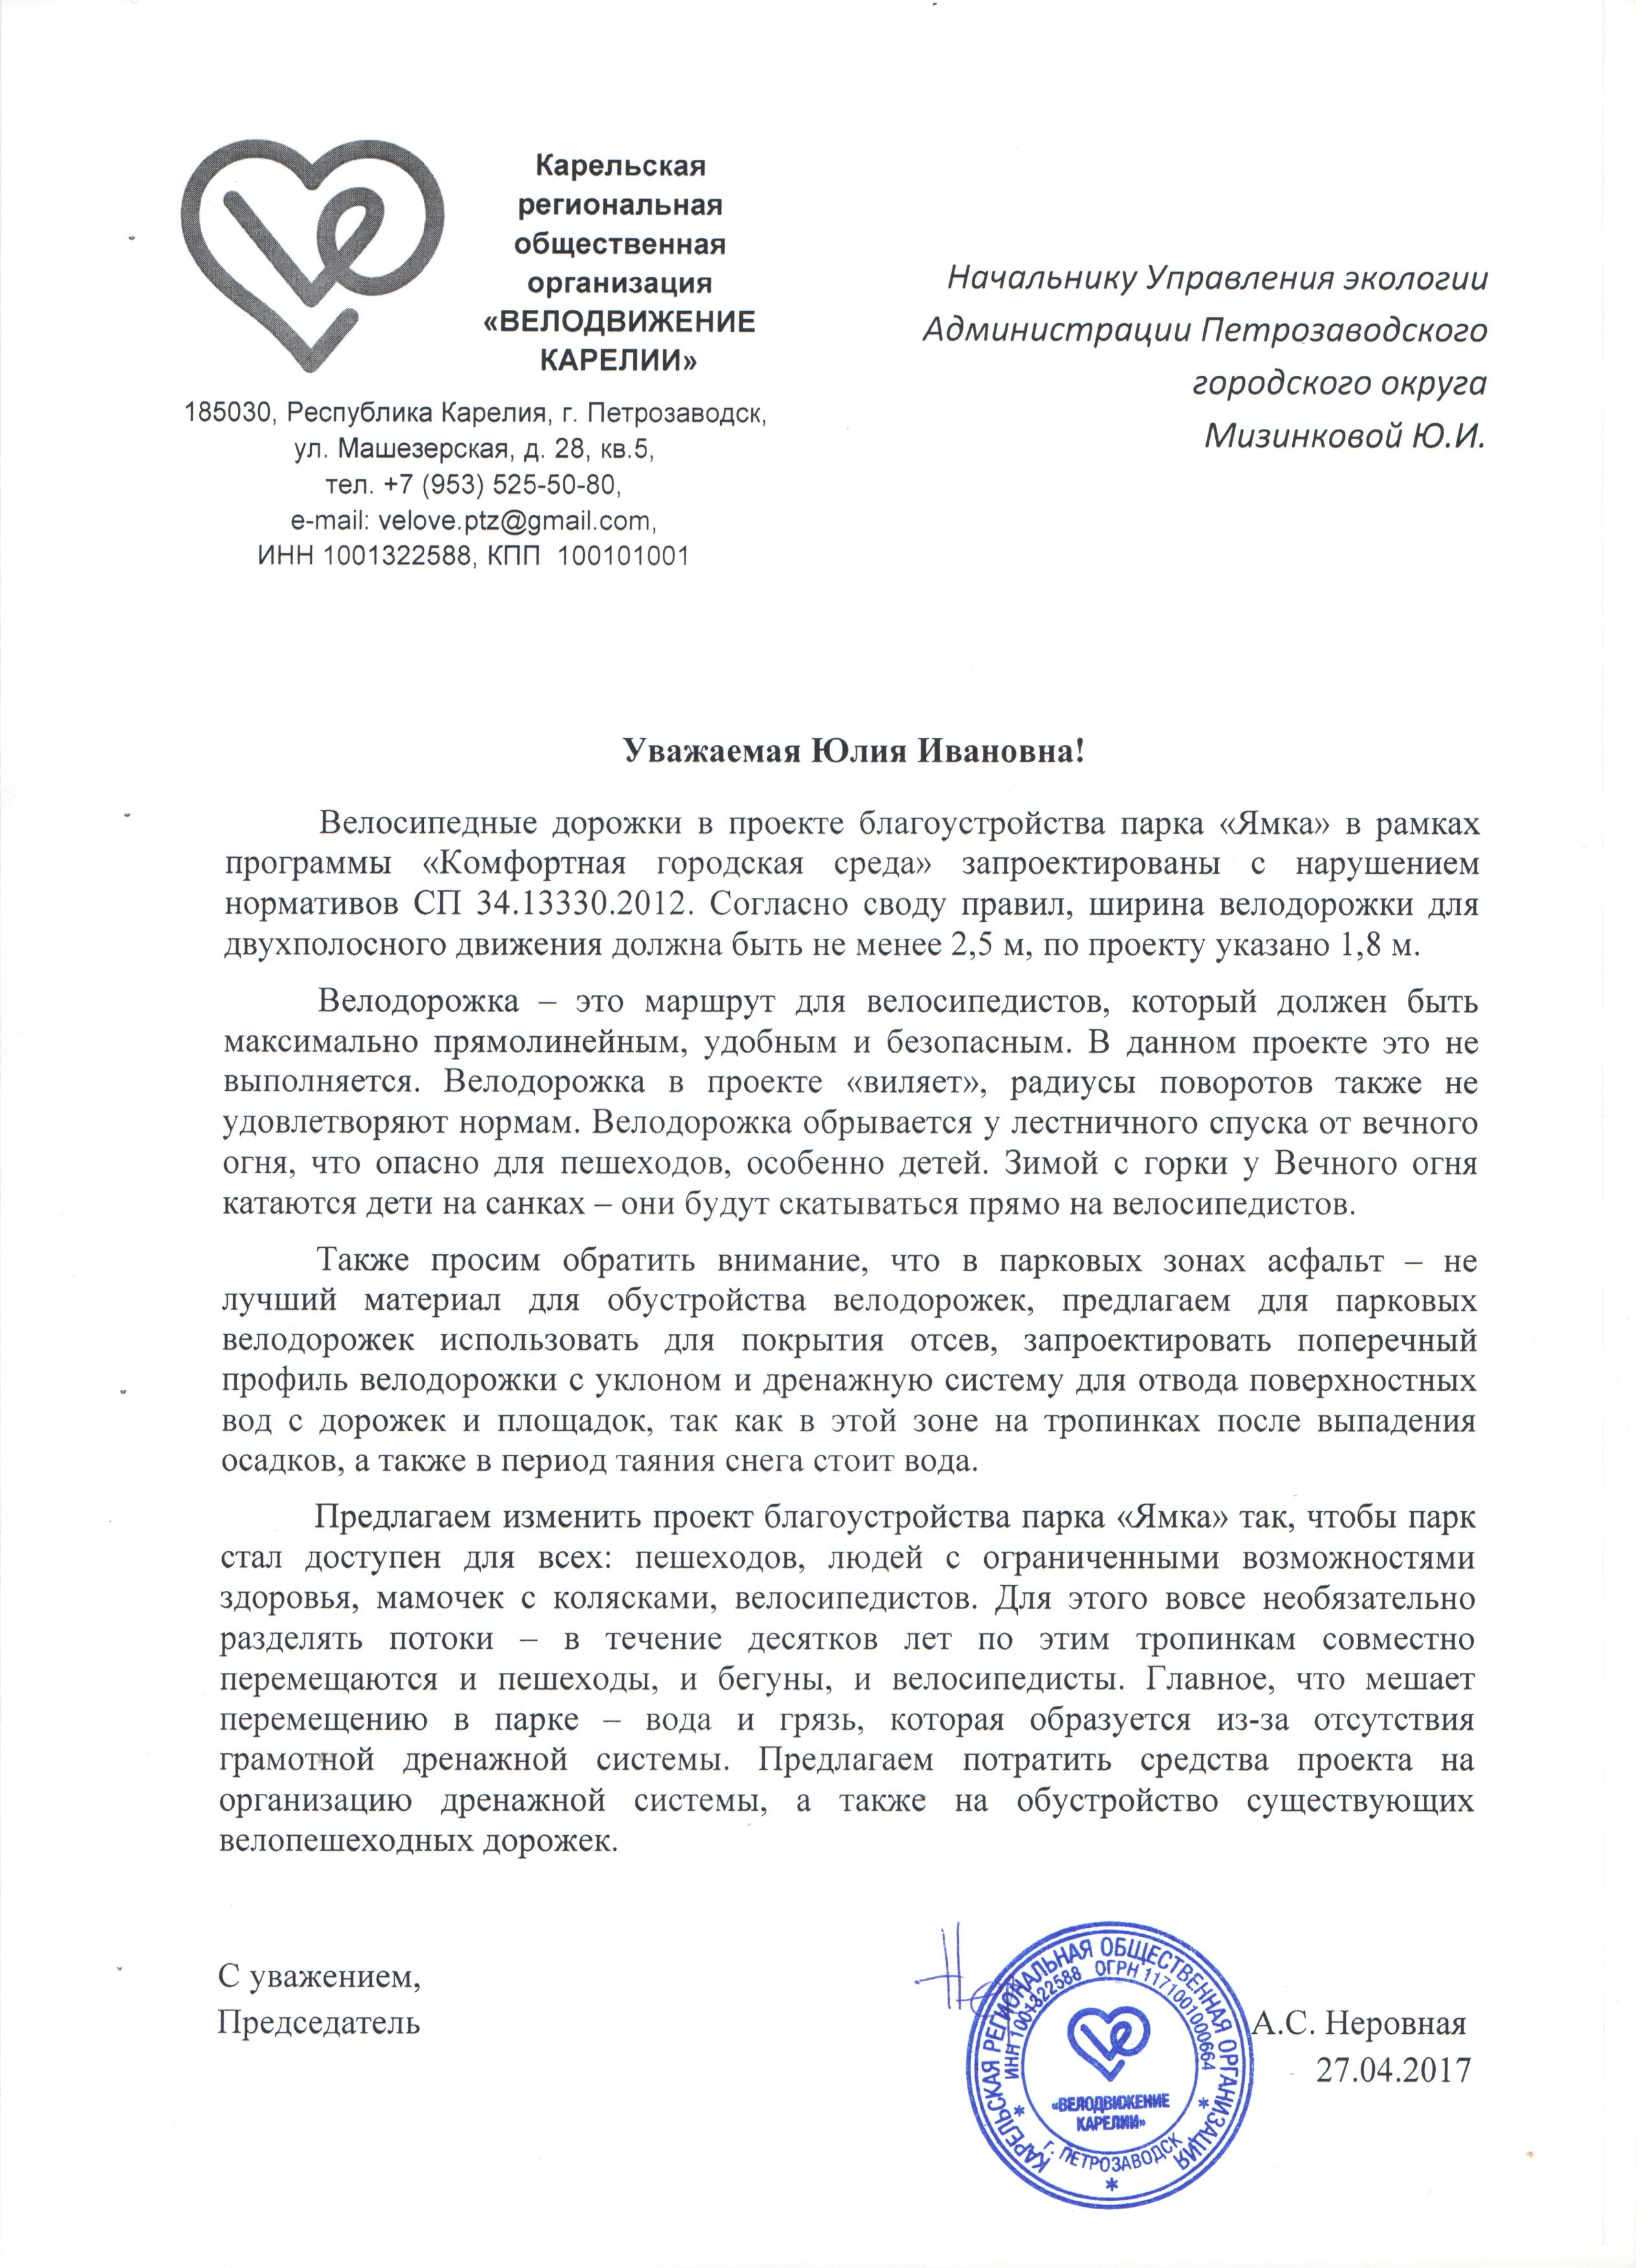 Pismo_po_proektu_blagoustroystva_parka_Yamka